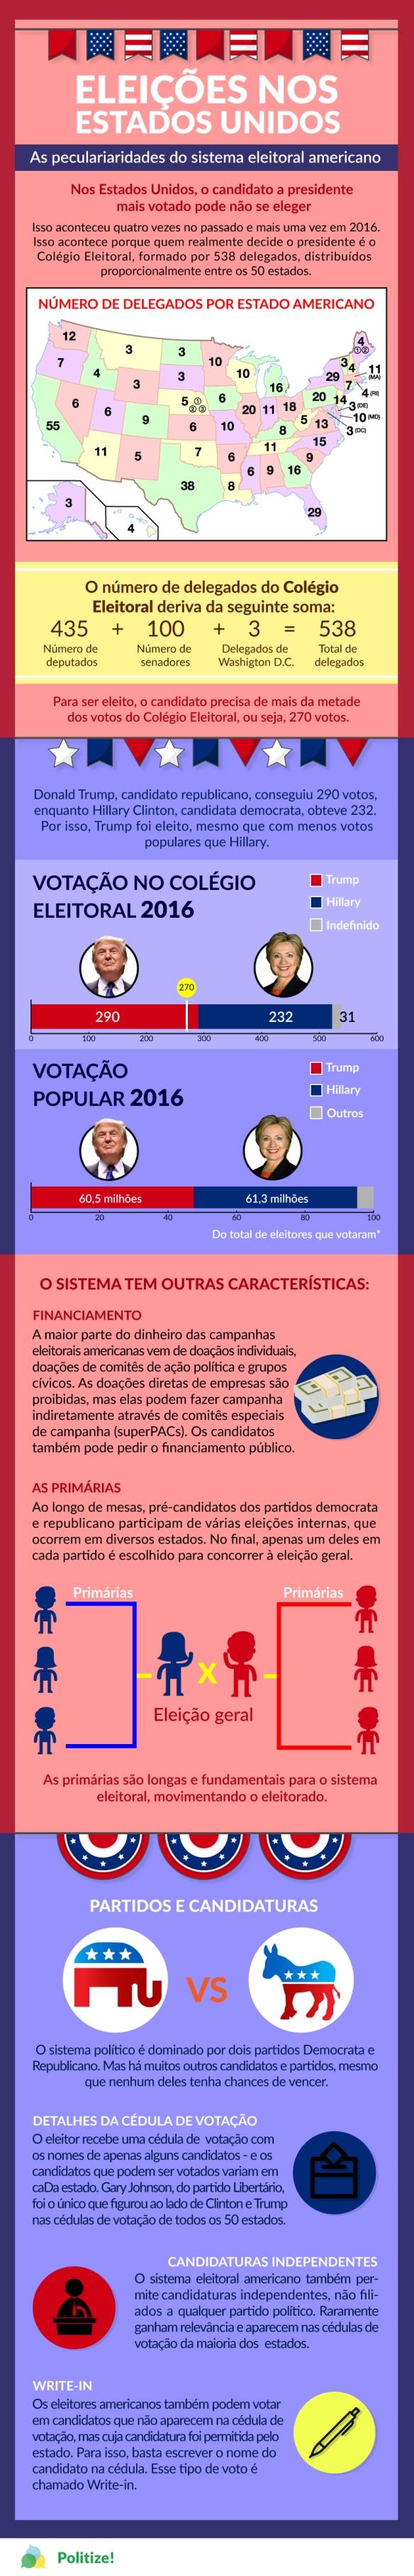 Infografico das eleições nos Estados Unidos e suas peculiaridades